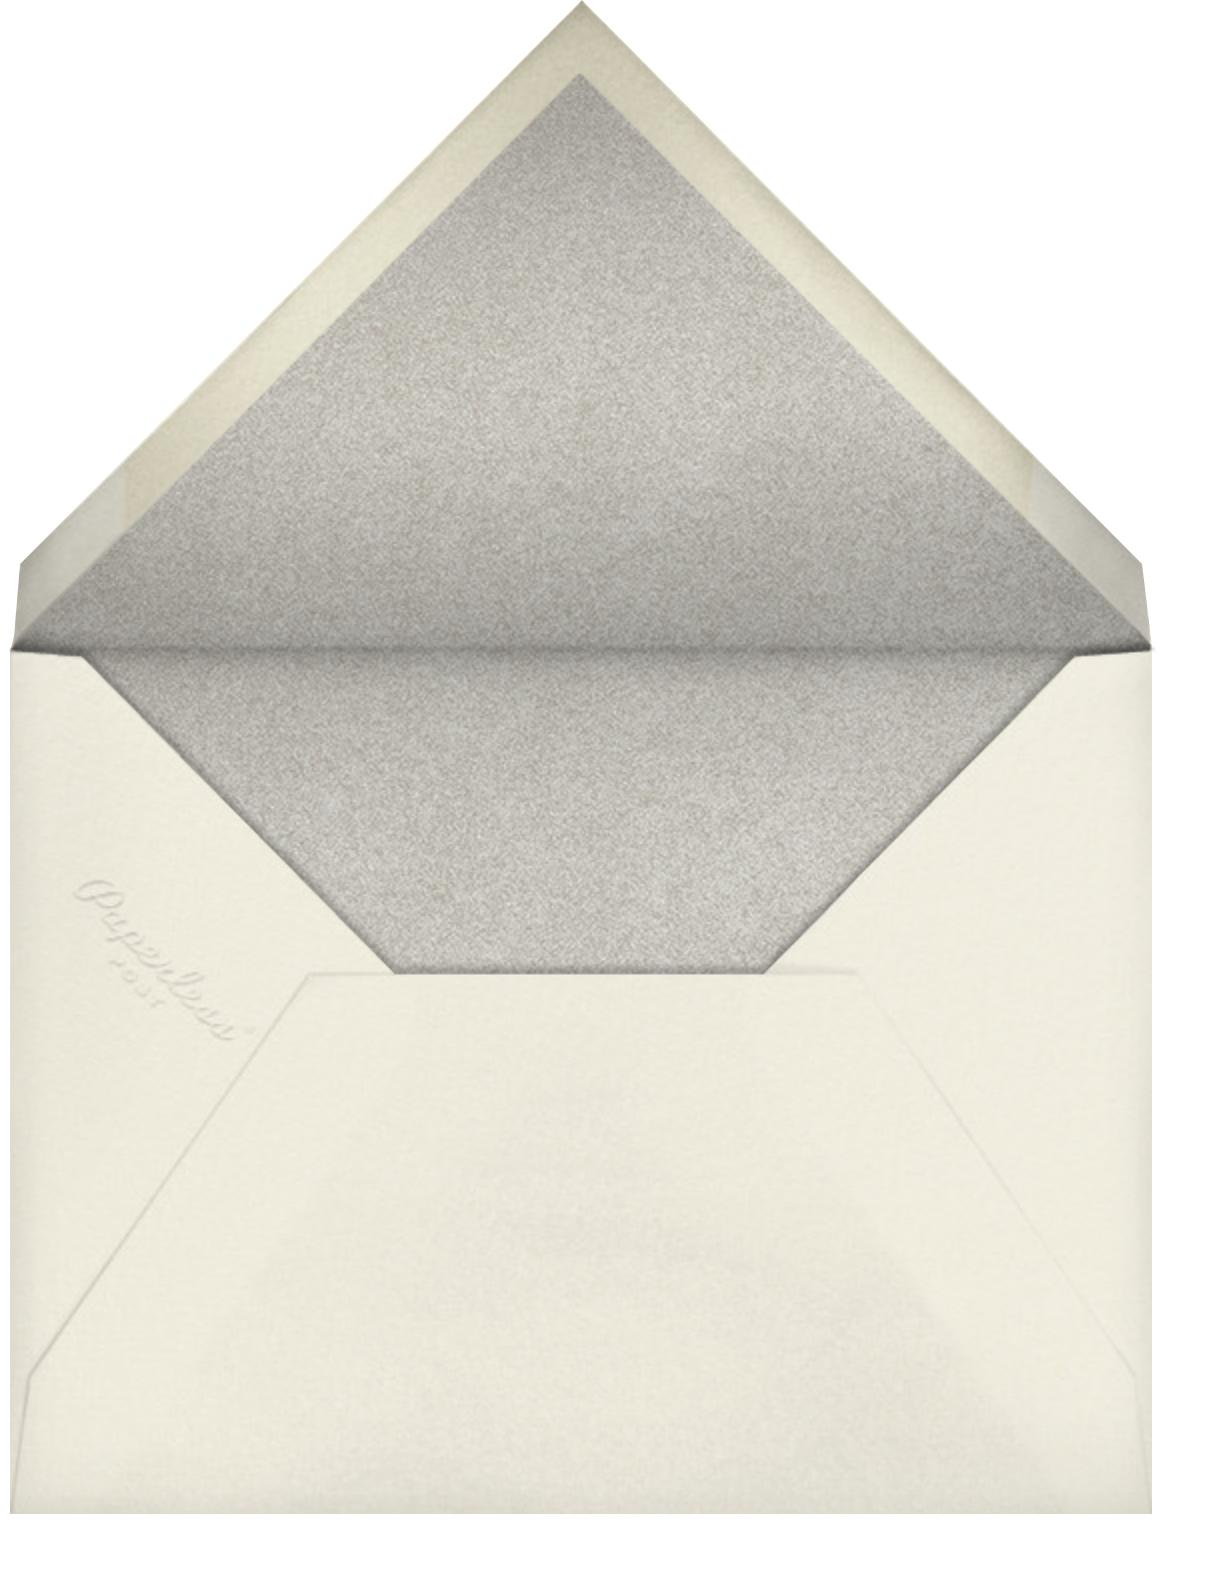 Our Big Day - Black - Crate & Barrel - Envelope